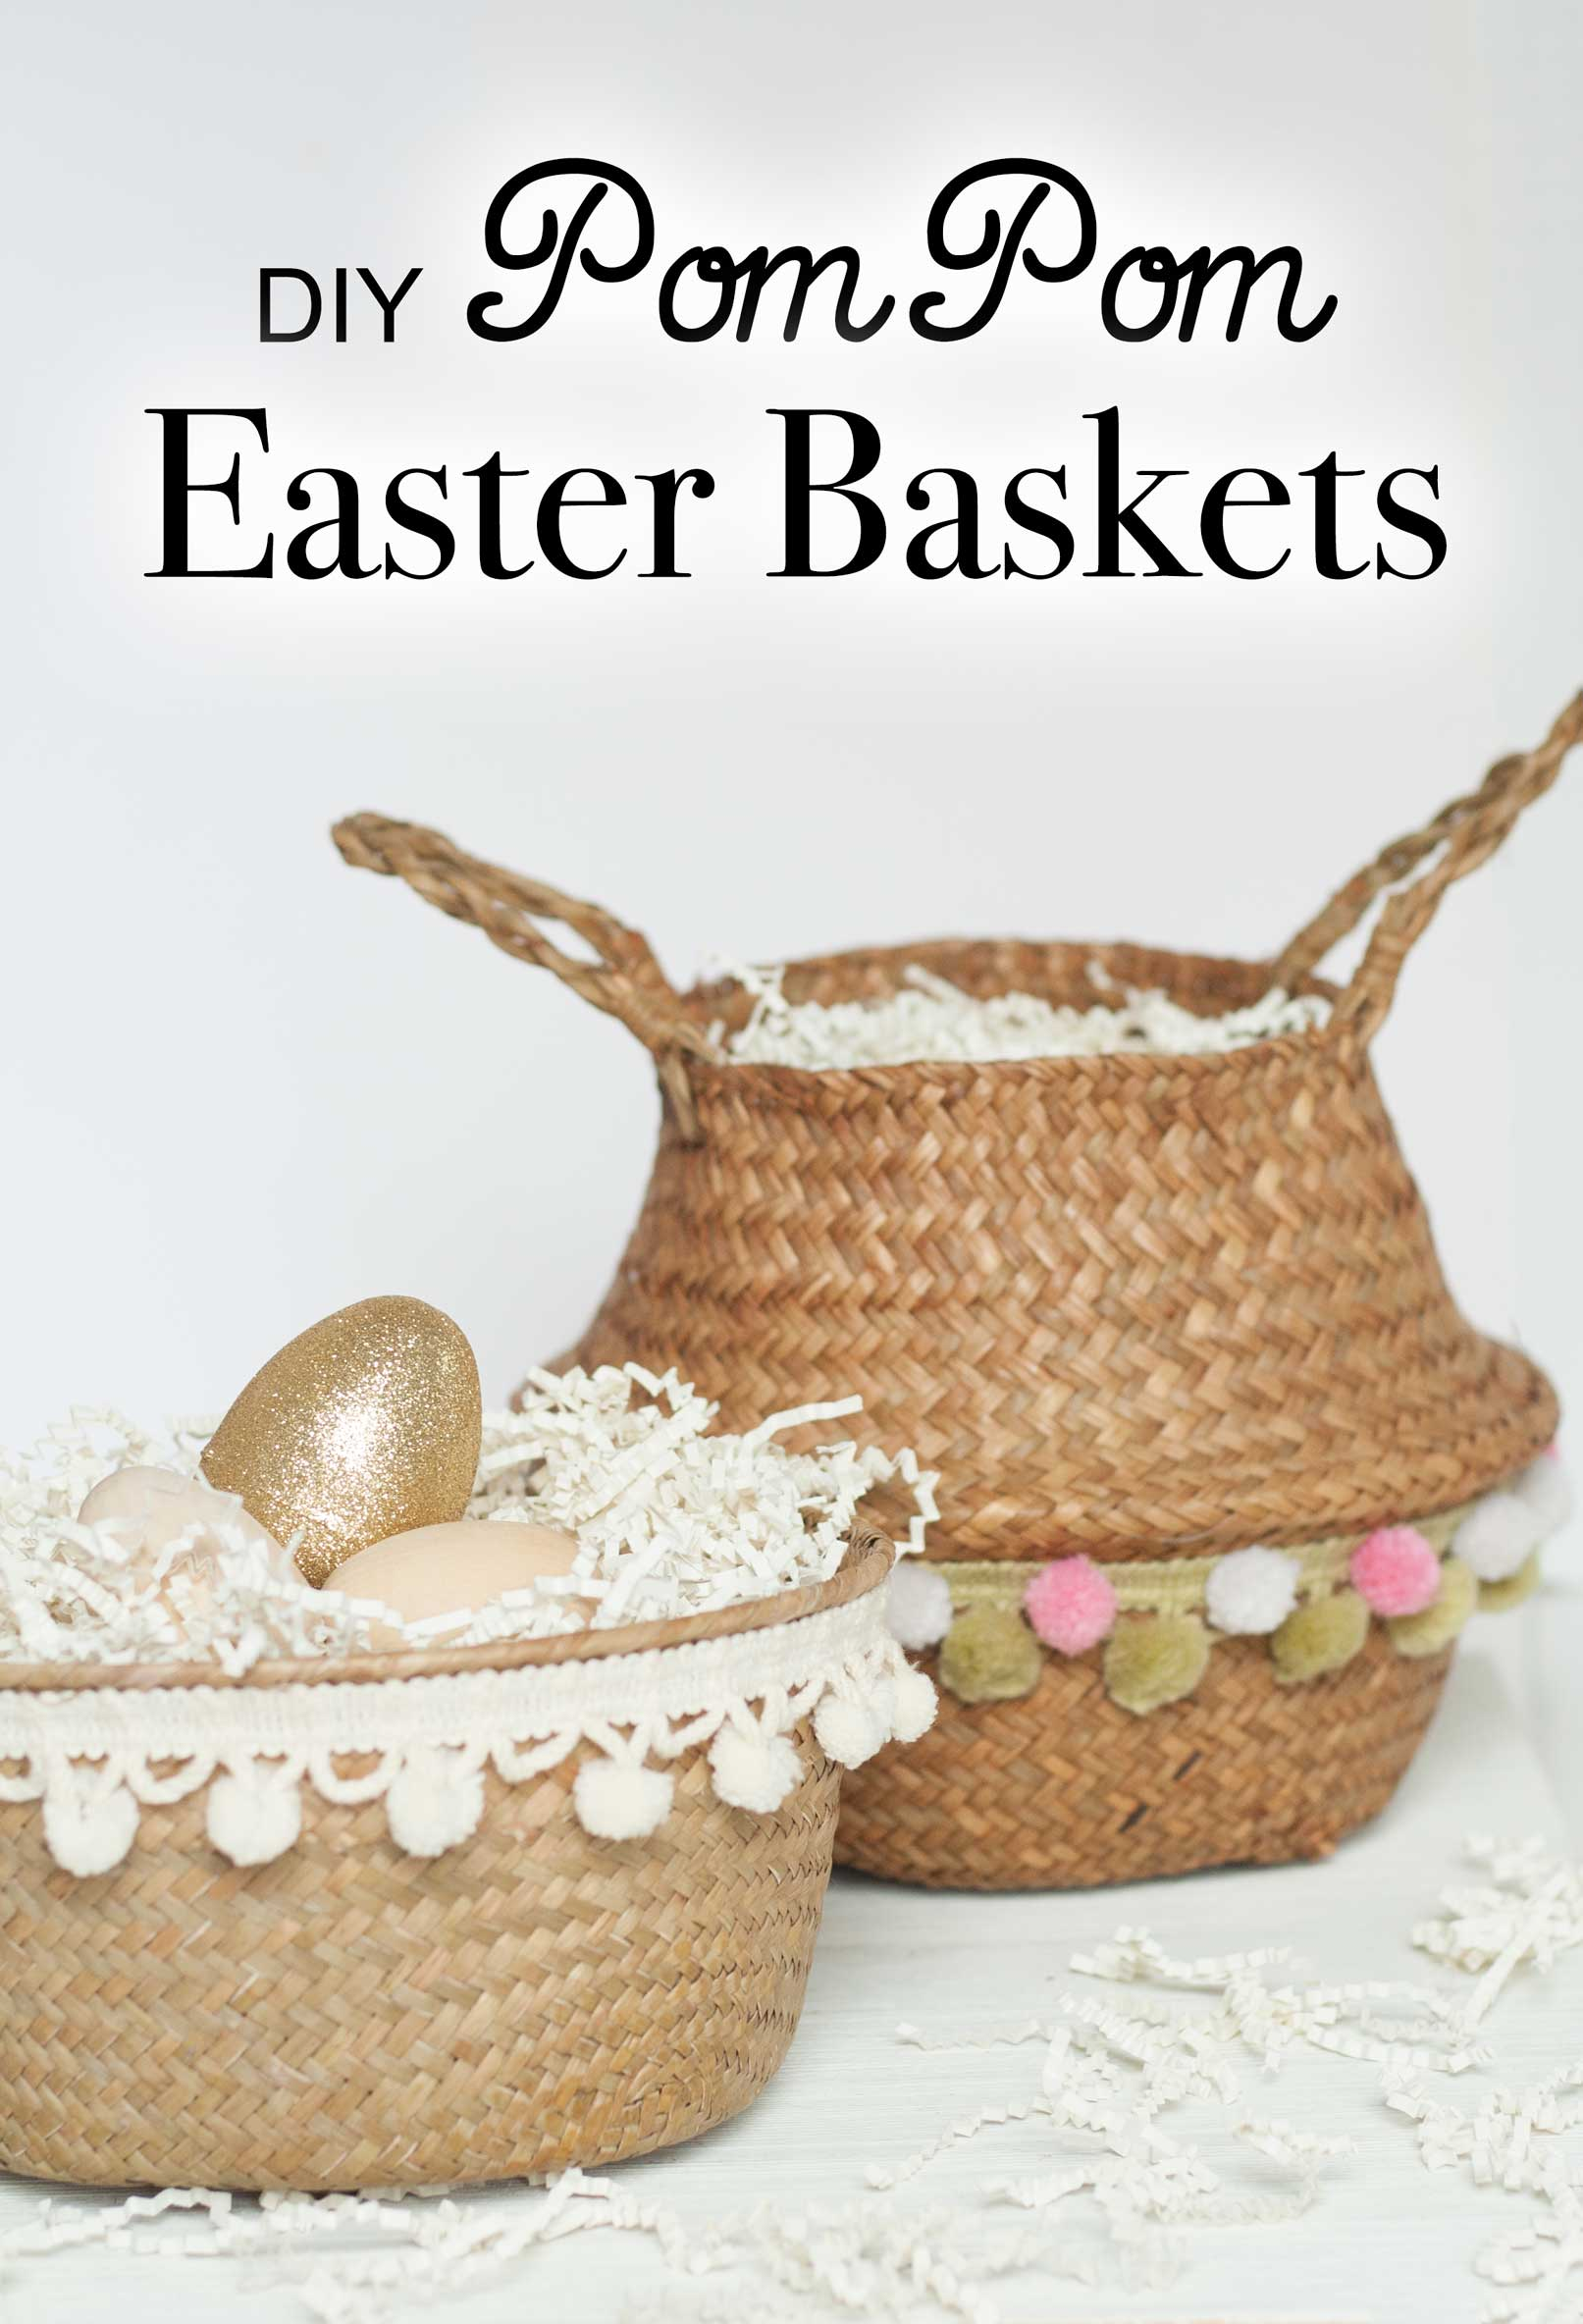 quick easy diy pom pom natural chic easter basket